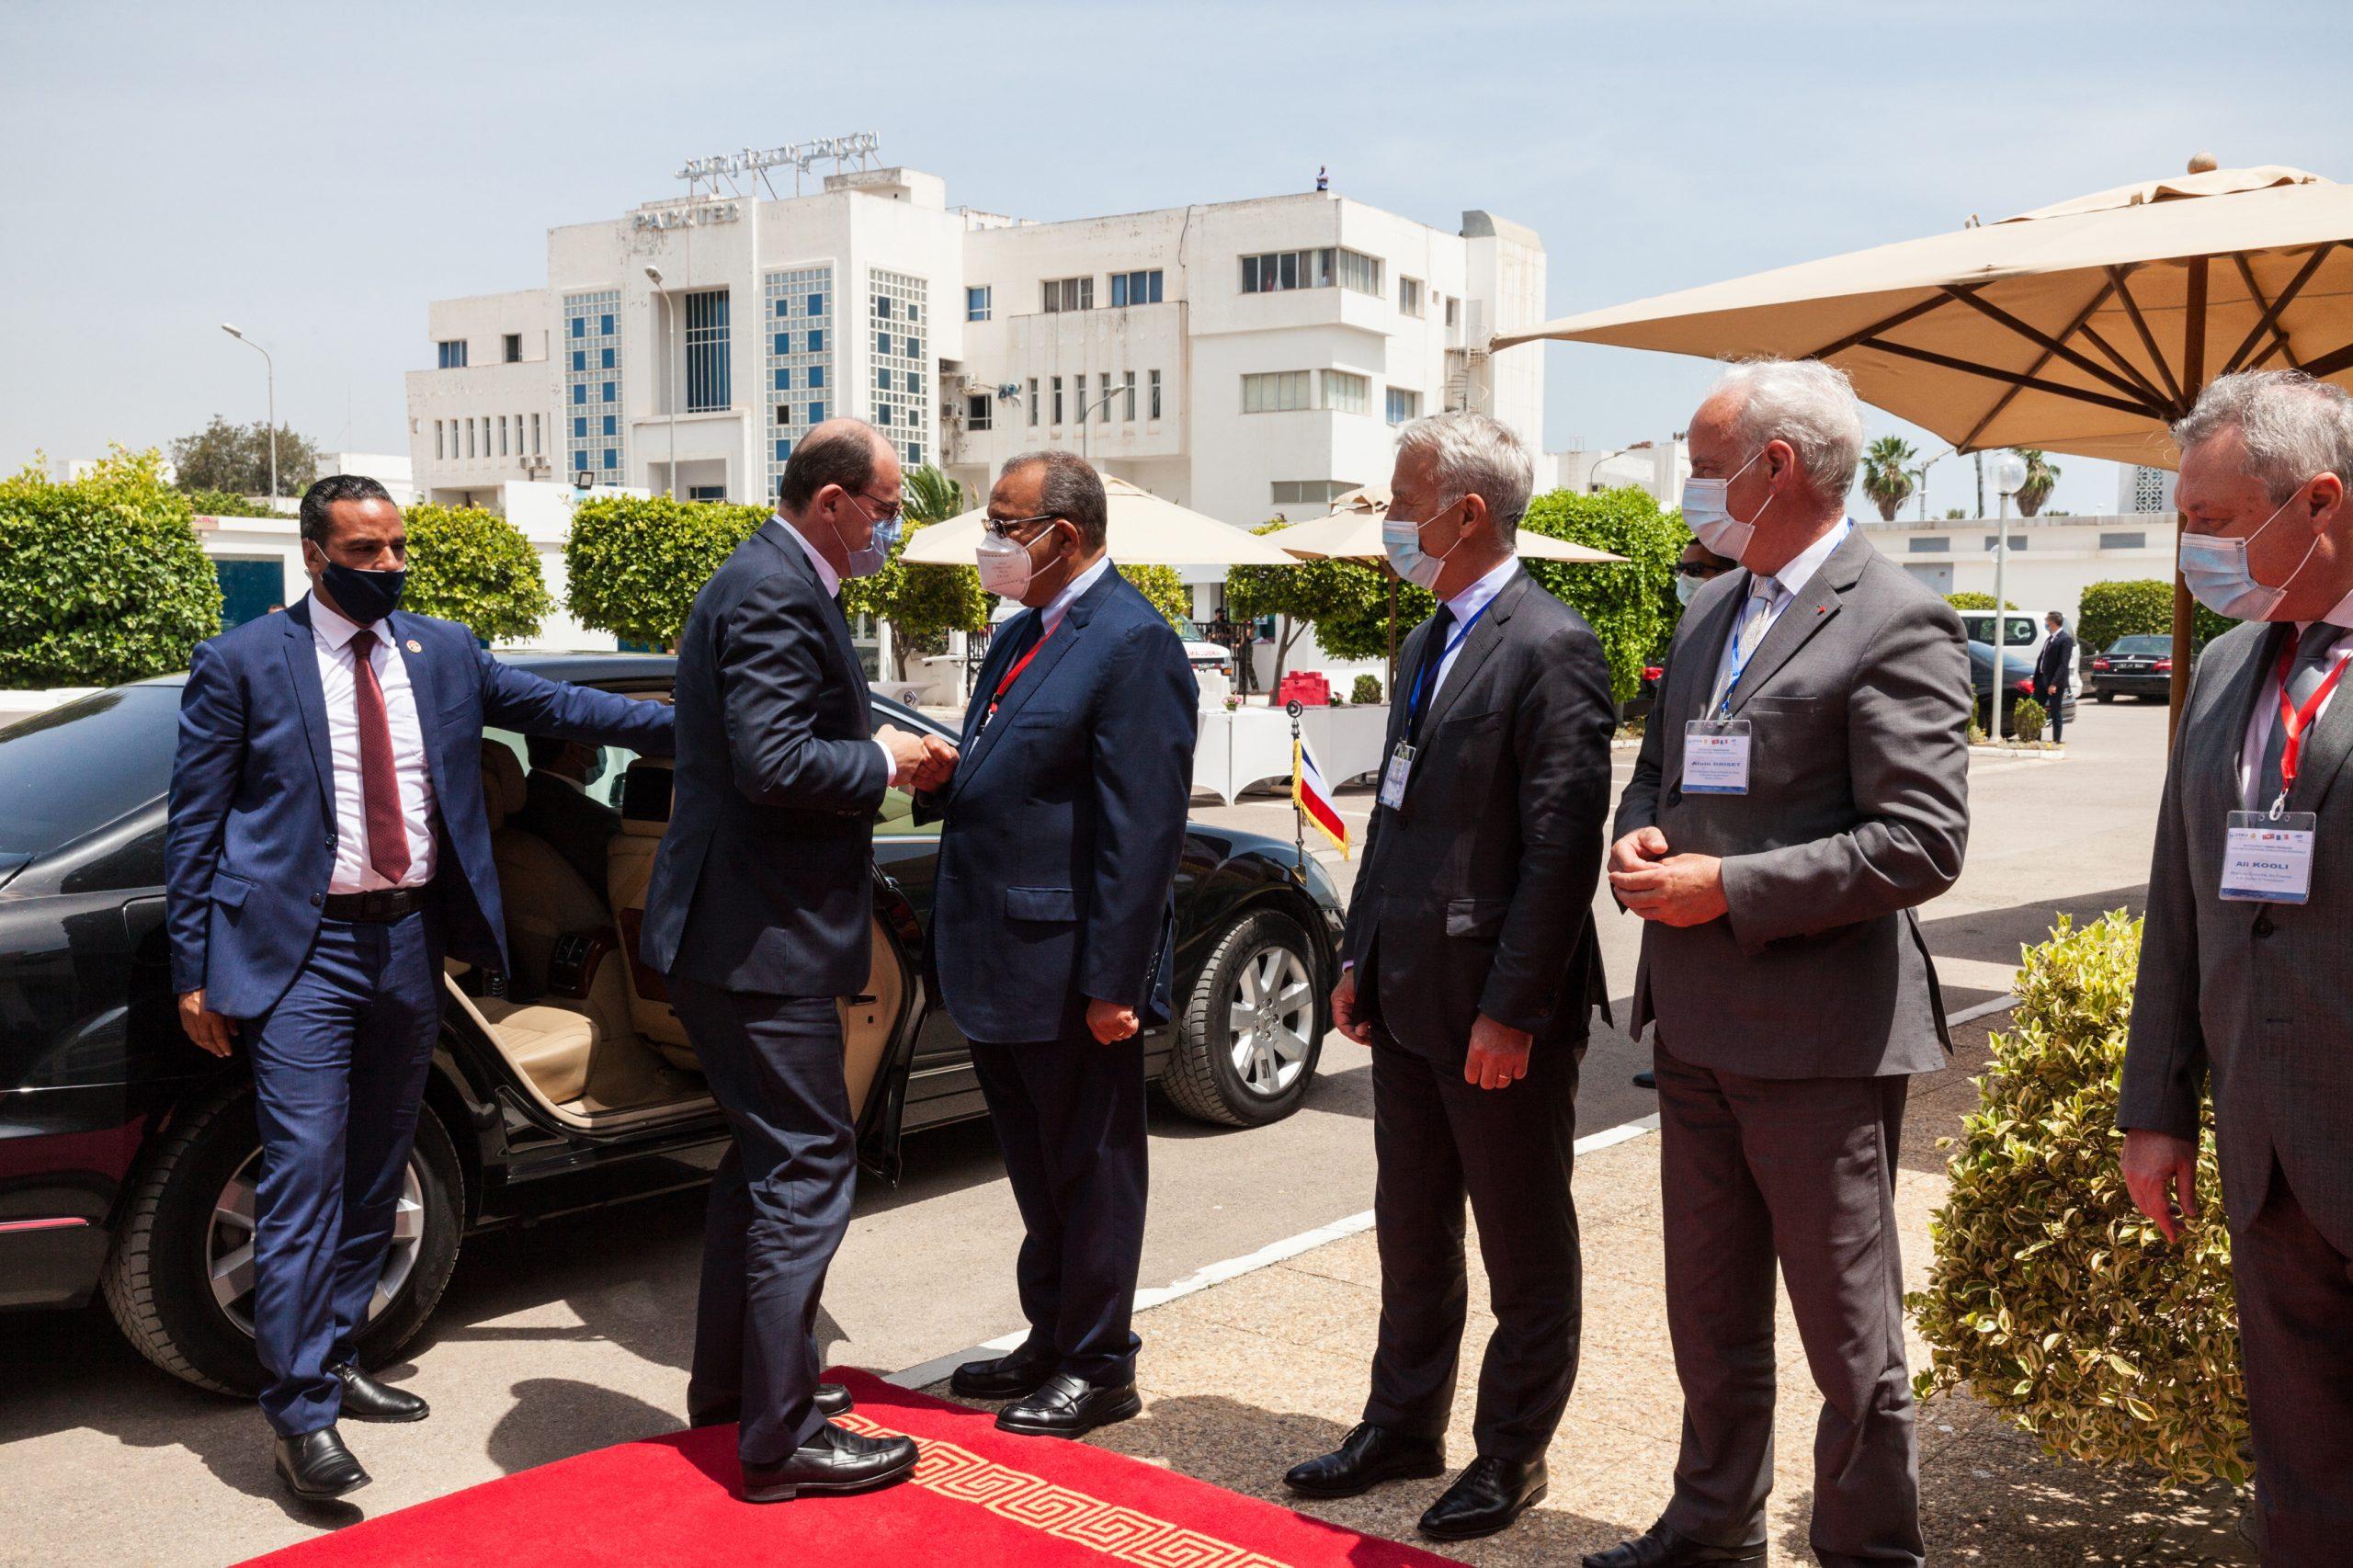 Les délégations tunisienne et française conduites par le Premier ministre tunisien Hichem Mechichi et son homologue français Jean Castex se rencontrent à Tunis, le 3 juin 2021.